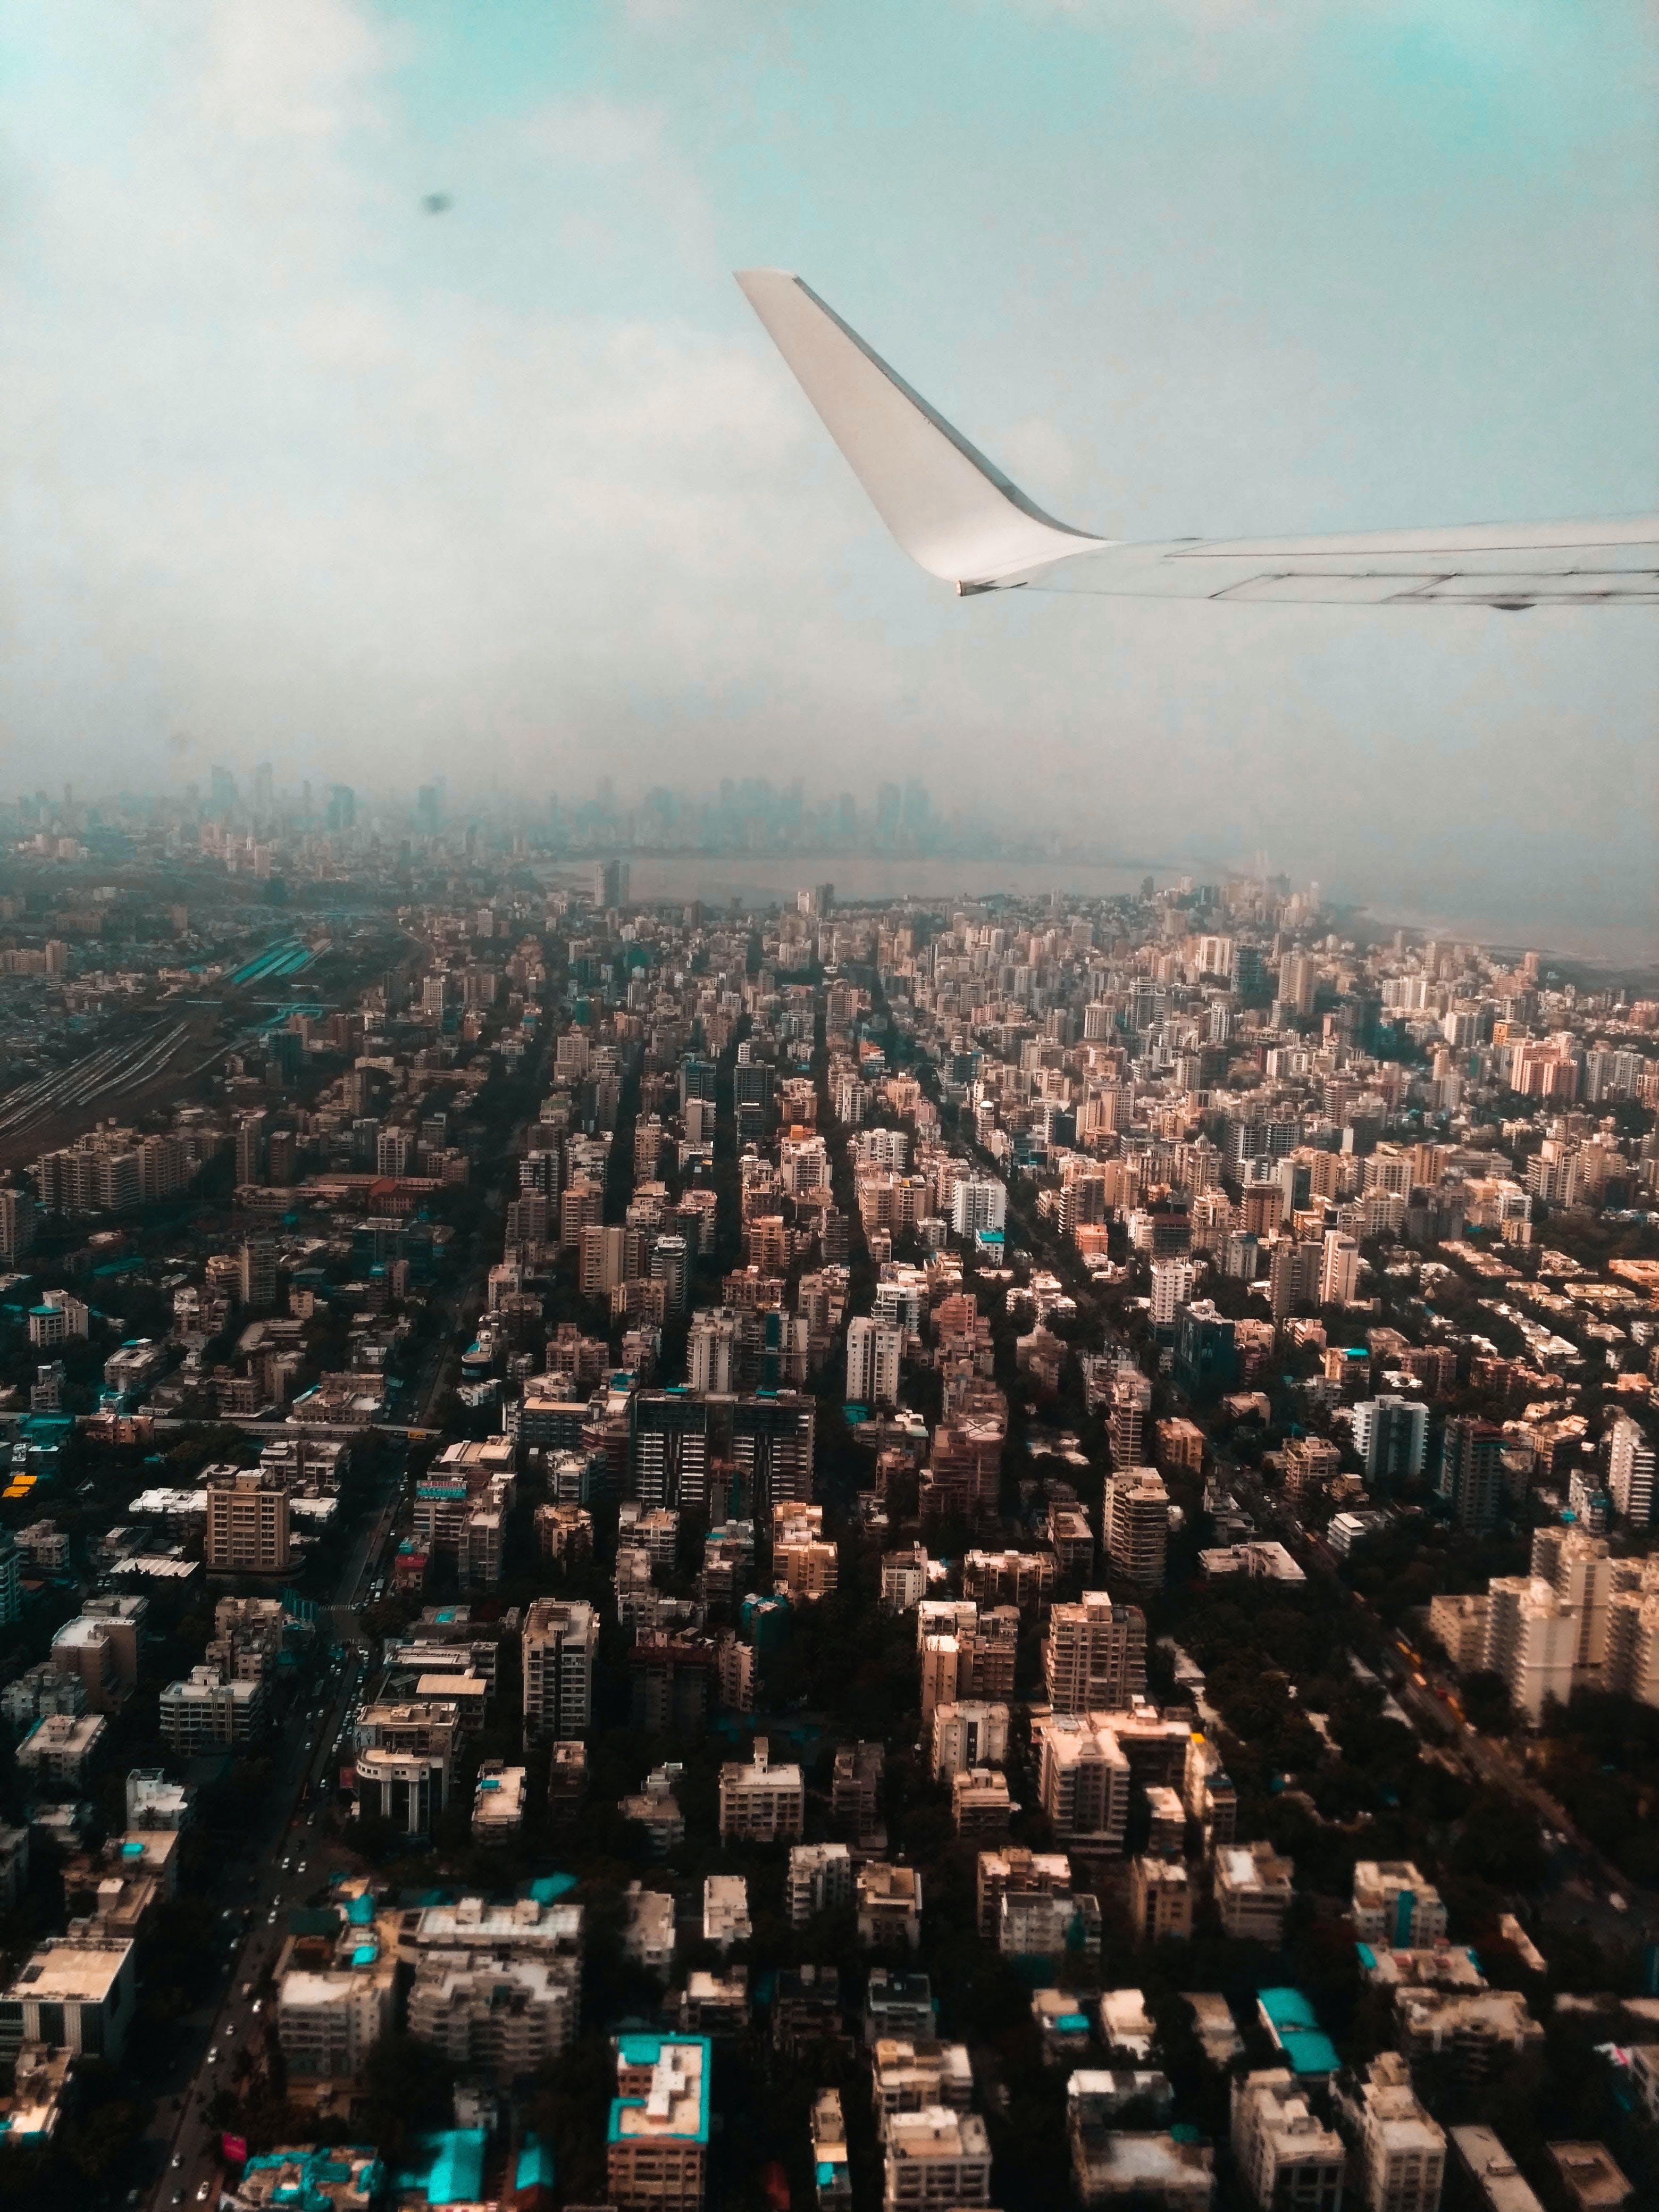 Δωρεάν στοκ φωτογραφιών με αεροπλάνο, αεροπλοΐα, αεροσκάφος, αρχιτεκτονική